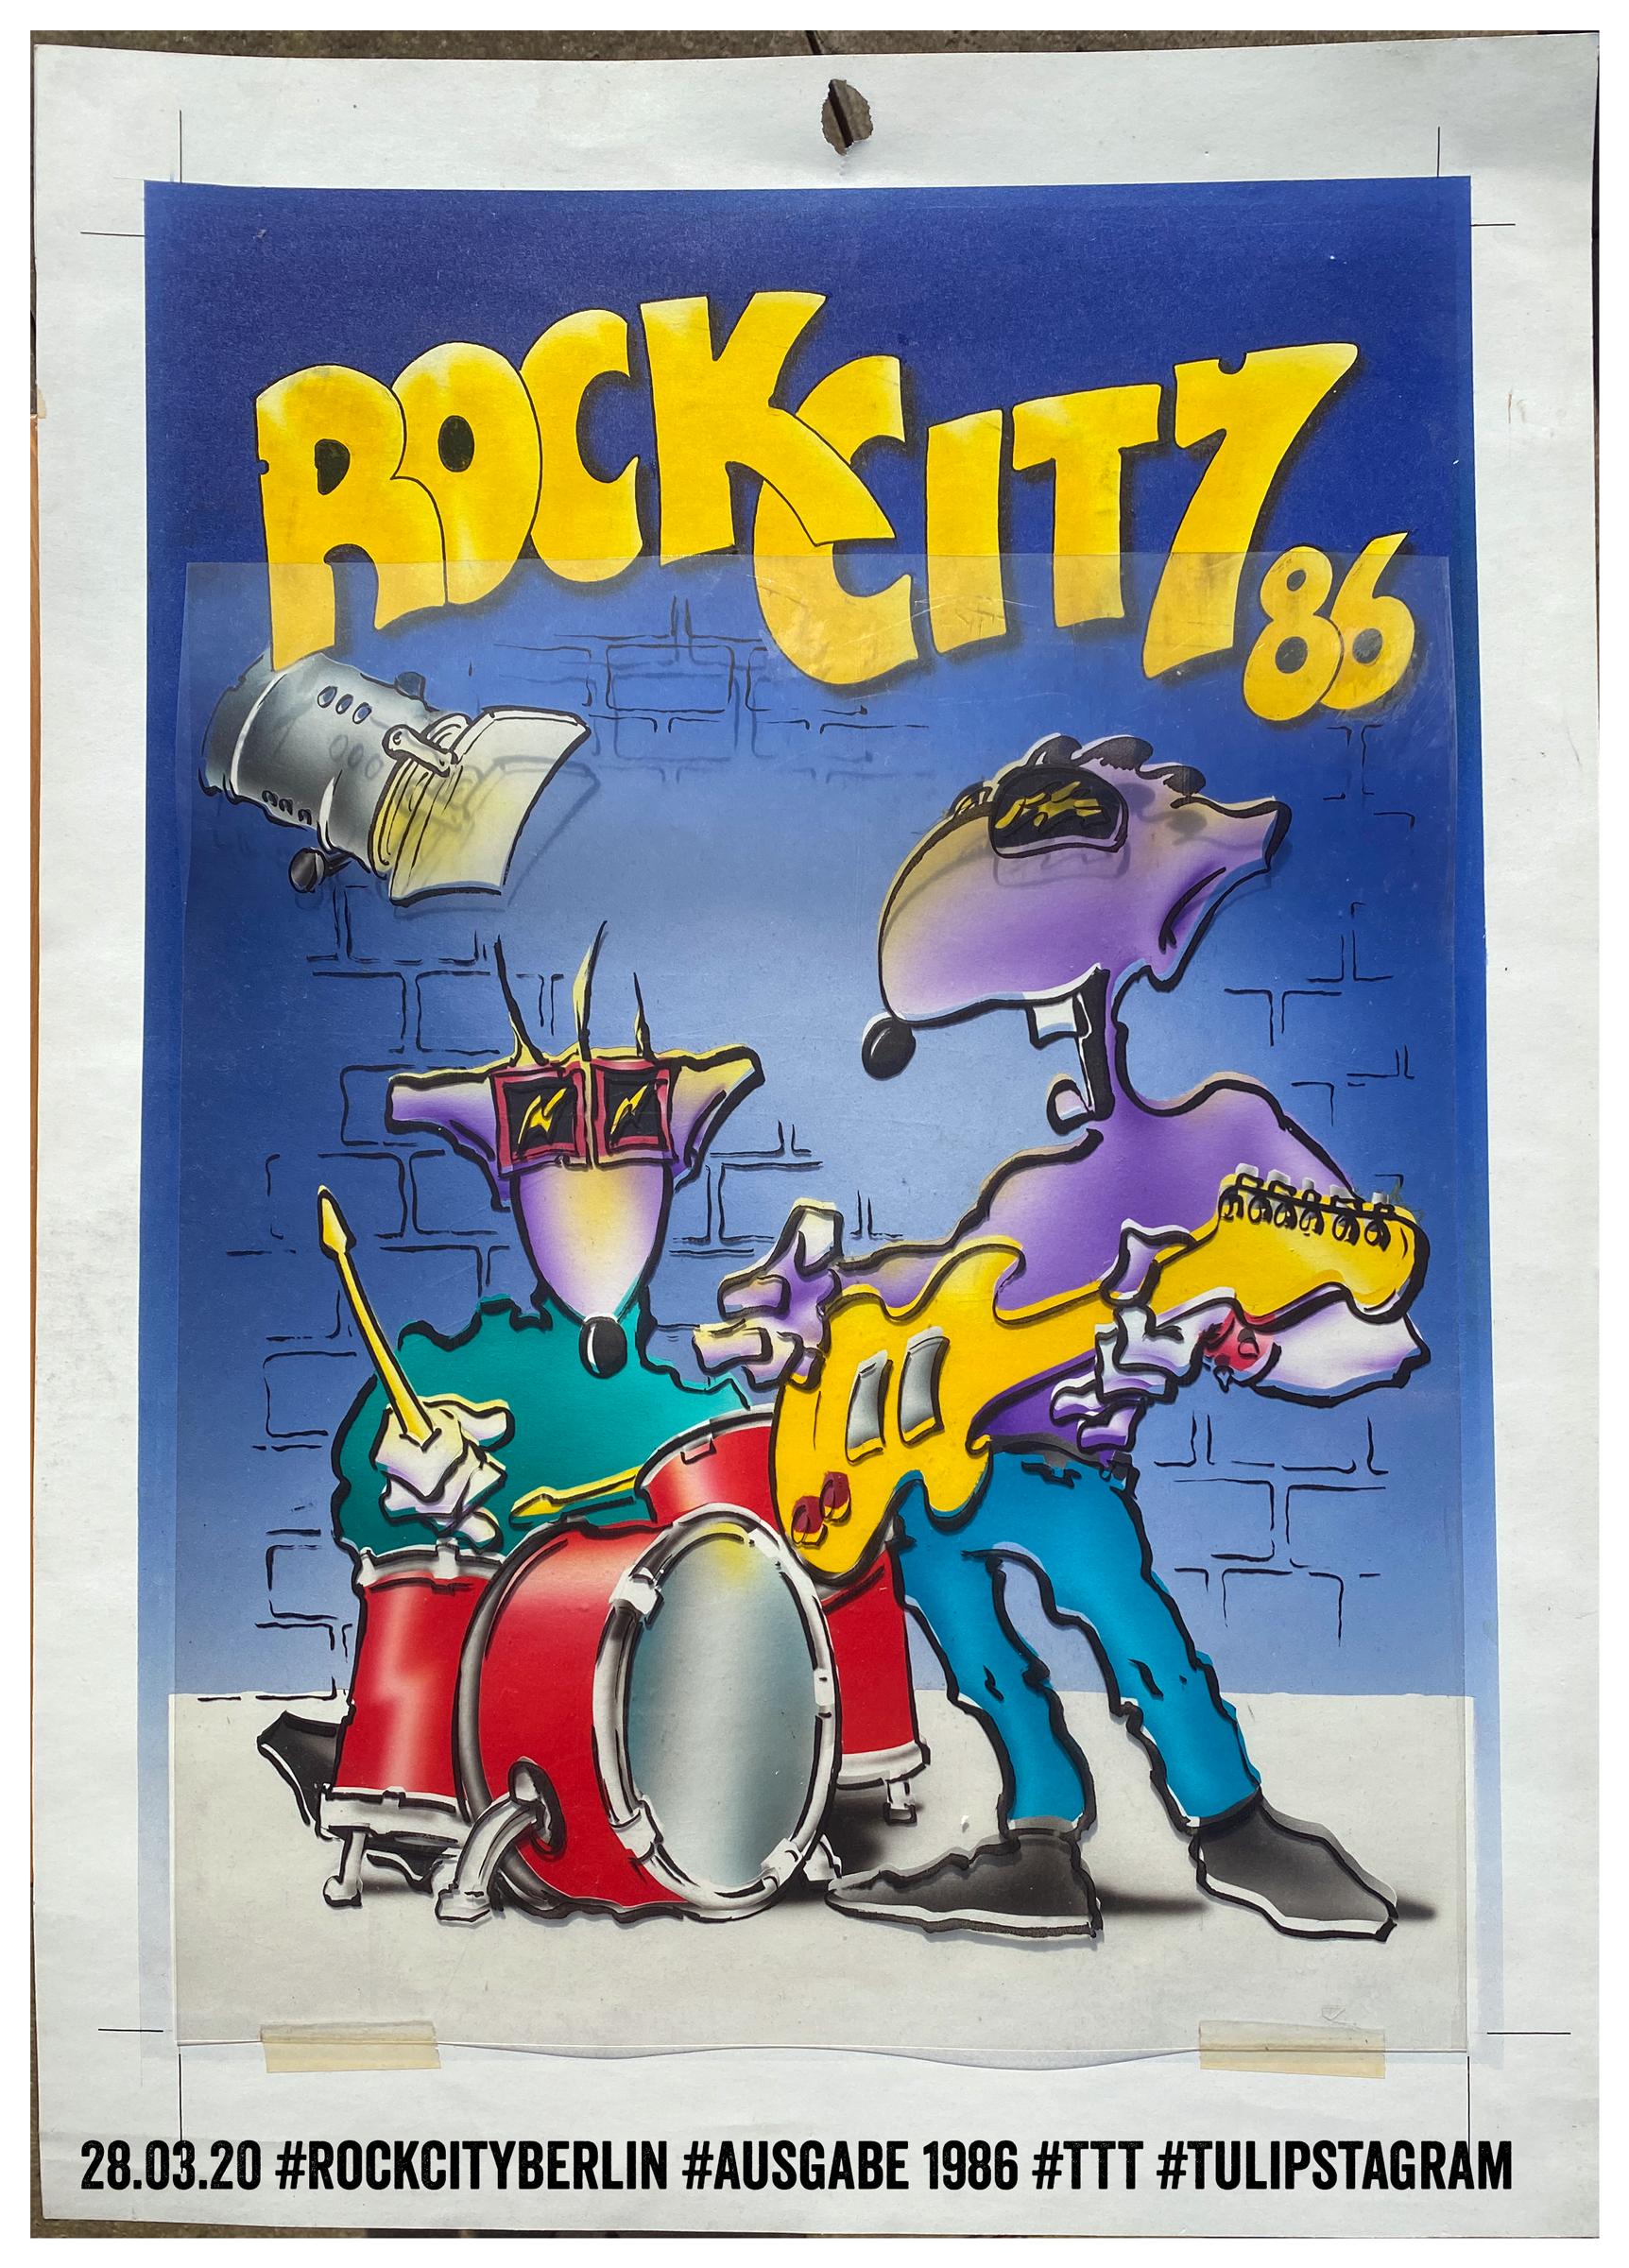 28.03.20 #RockCityBerlin #Ausgabe 1986 #TTT #Tulipstagram